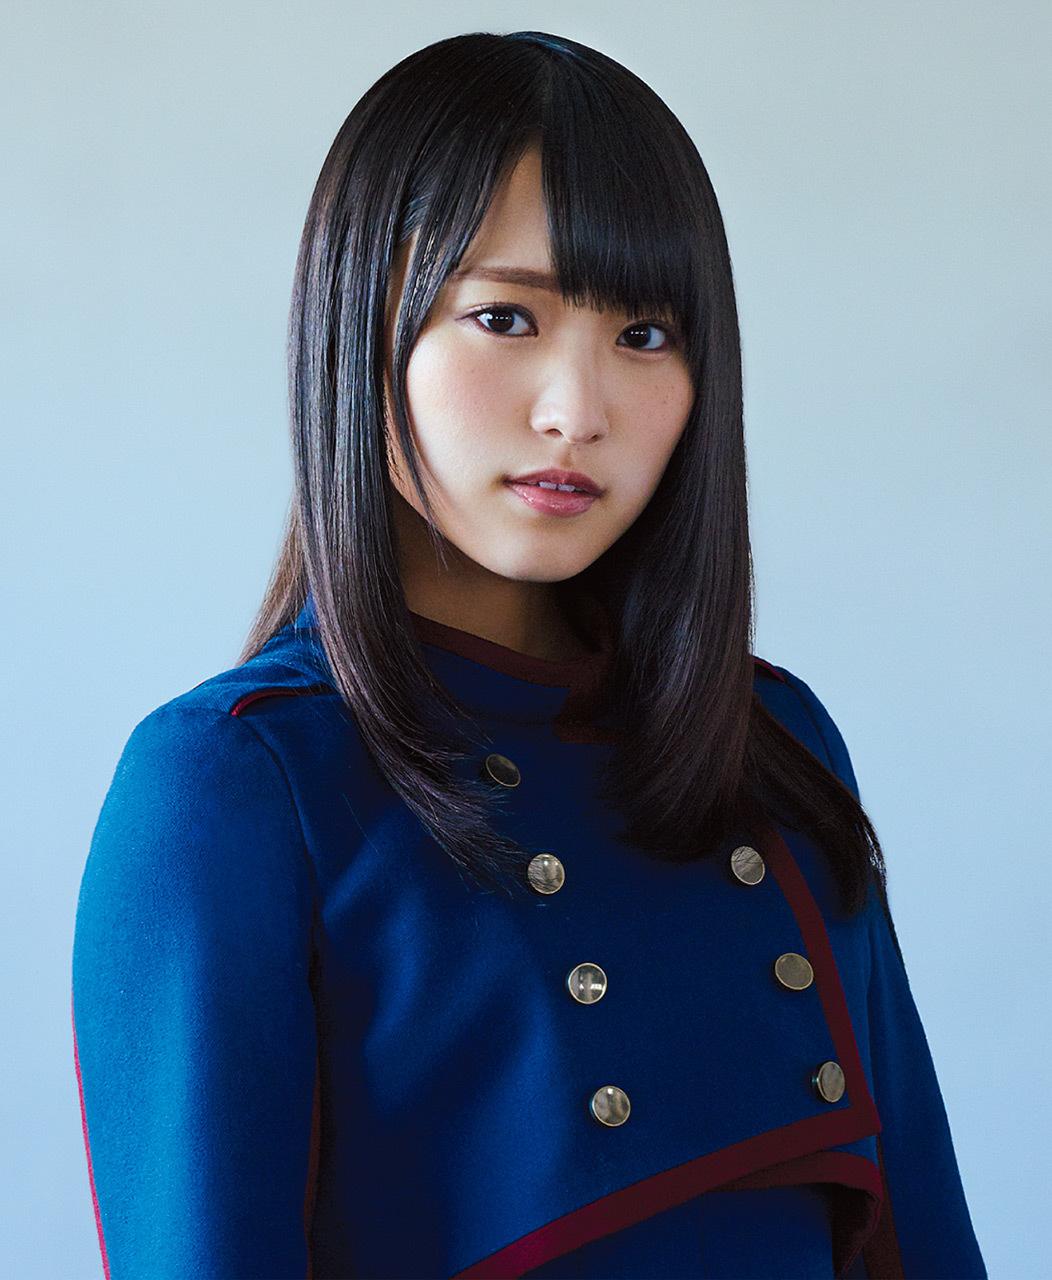 【動画】欅坂46菅井友香が落馬 観客に一礼して退場